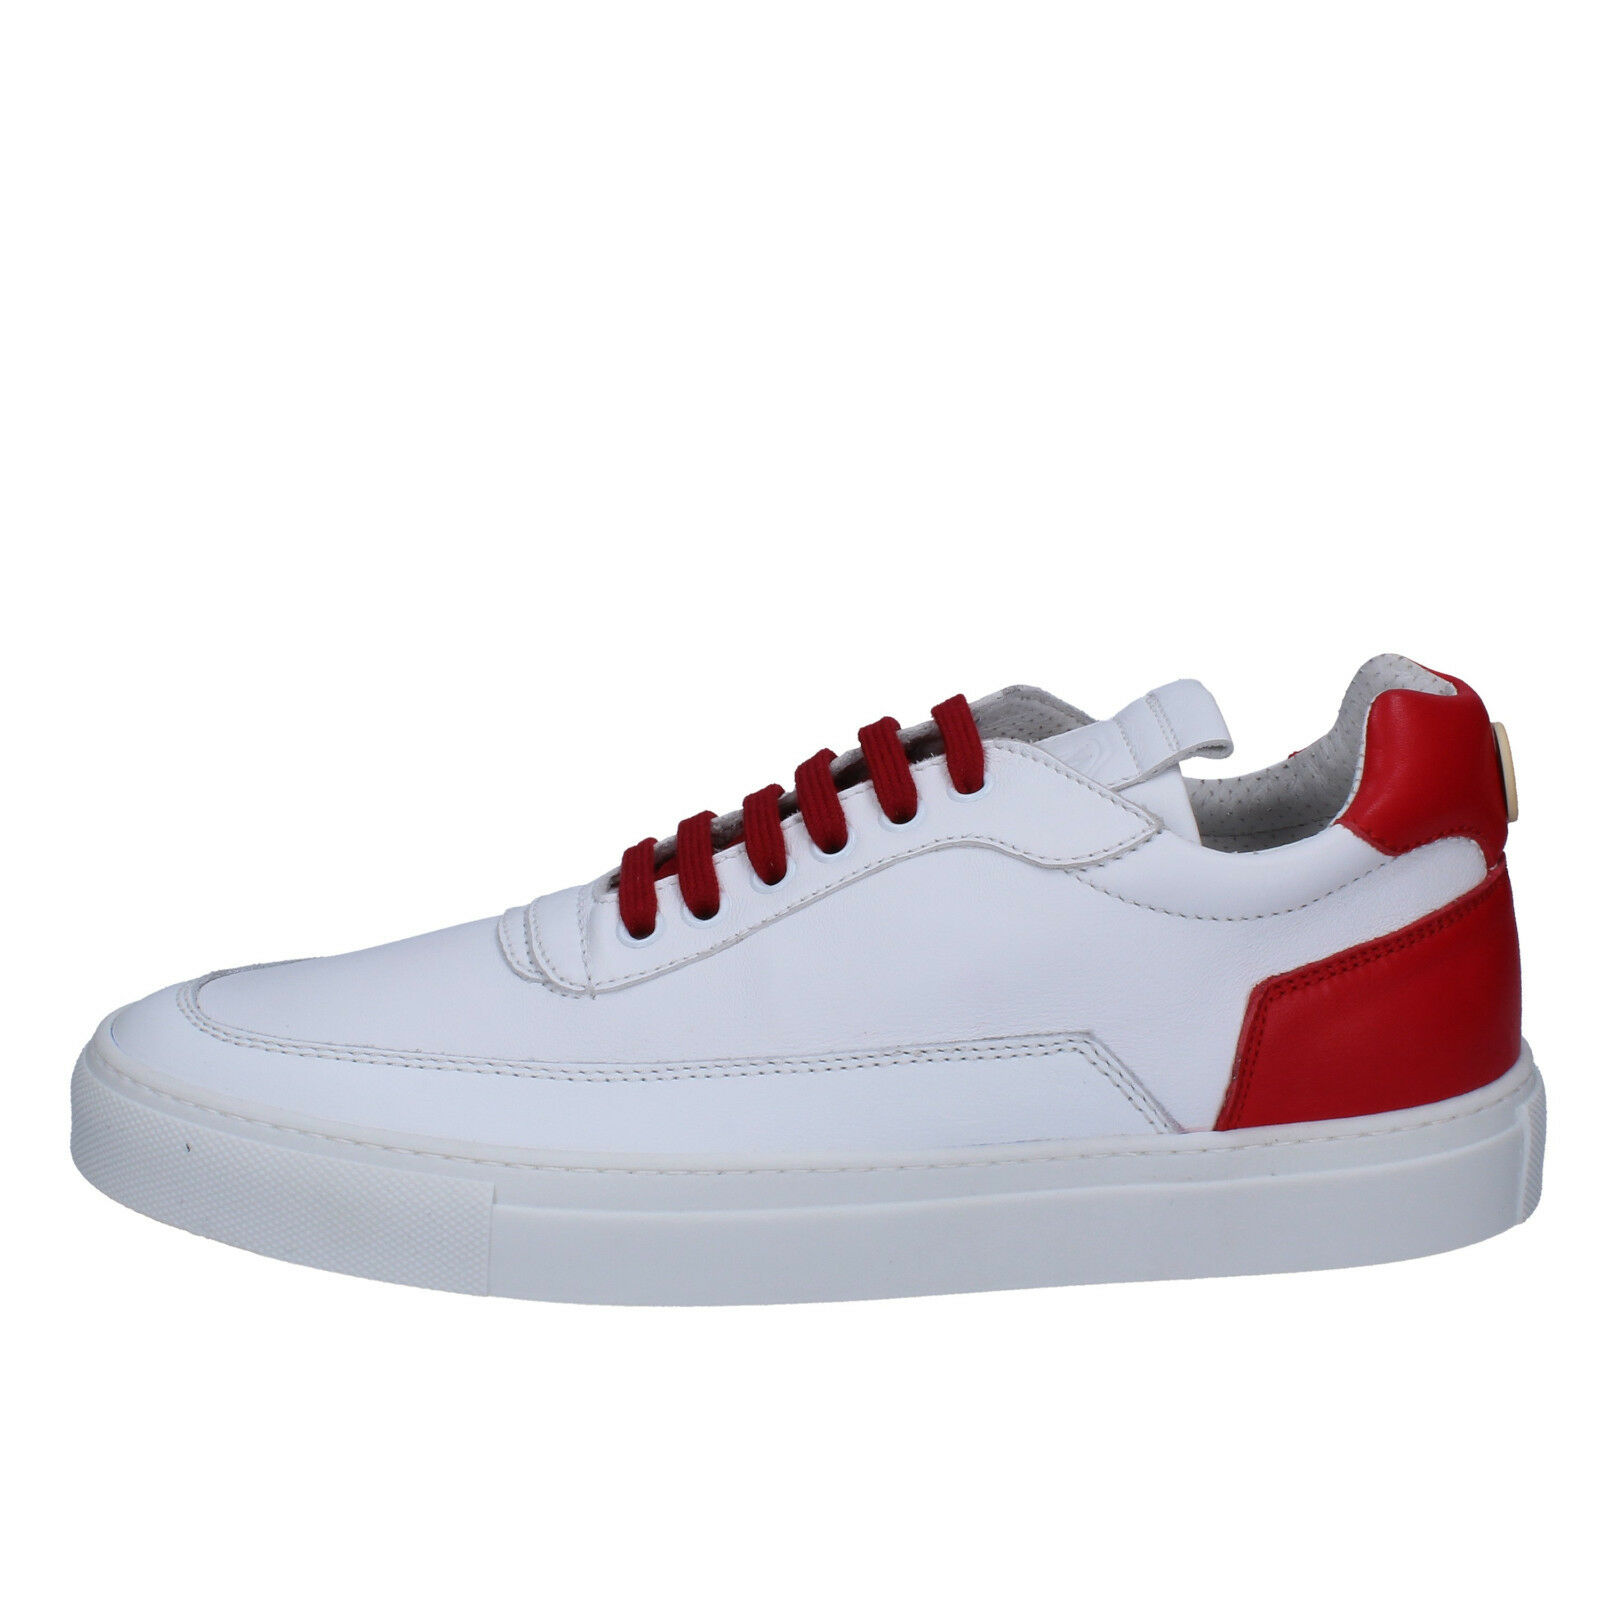 100% autentico Scarpe uomo MARIANO DI VAIO 43 scarpe da da da ginnastica bianco rosso pelle AB772-E  vendita online